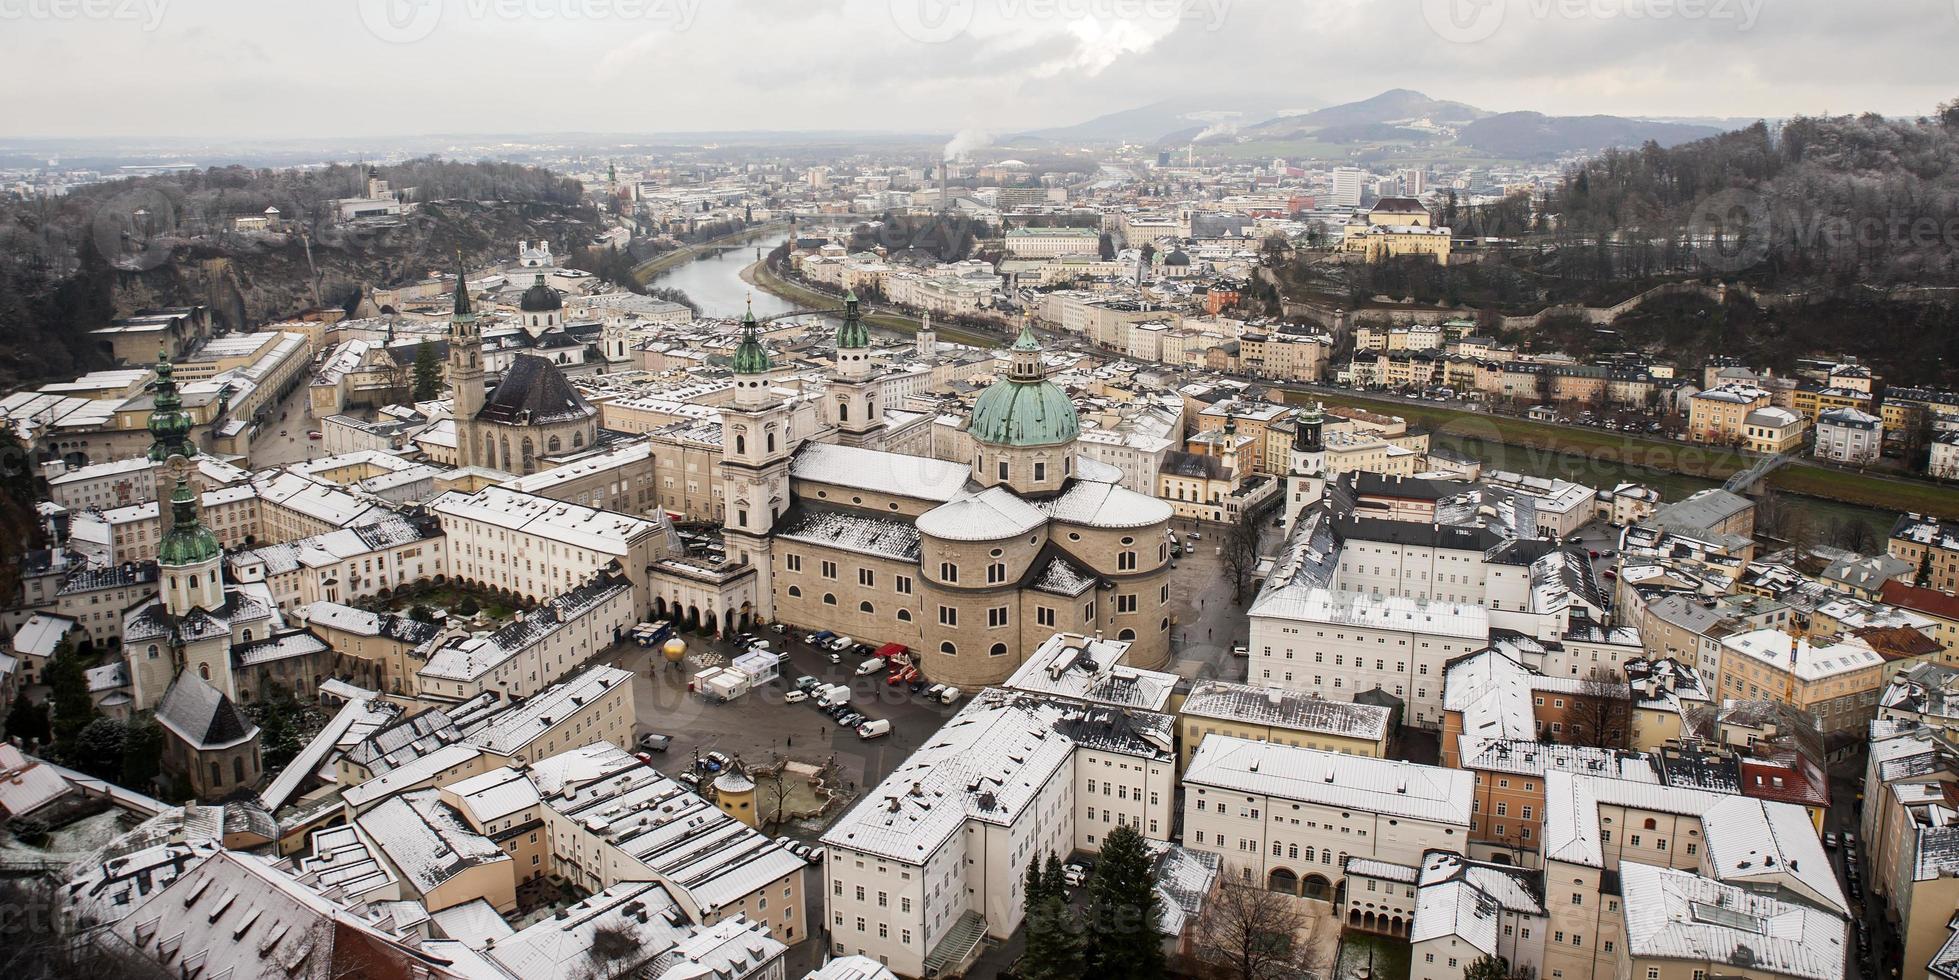 cidade de salzburg, áustria, europa foto